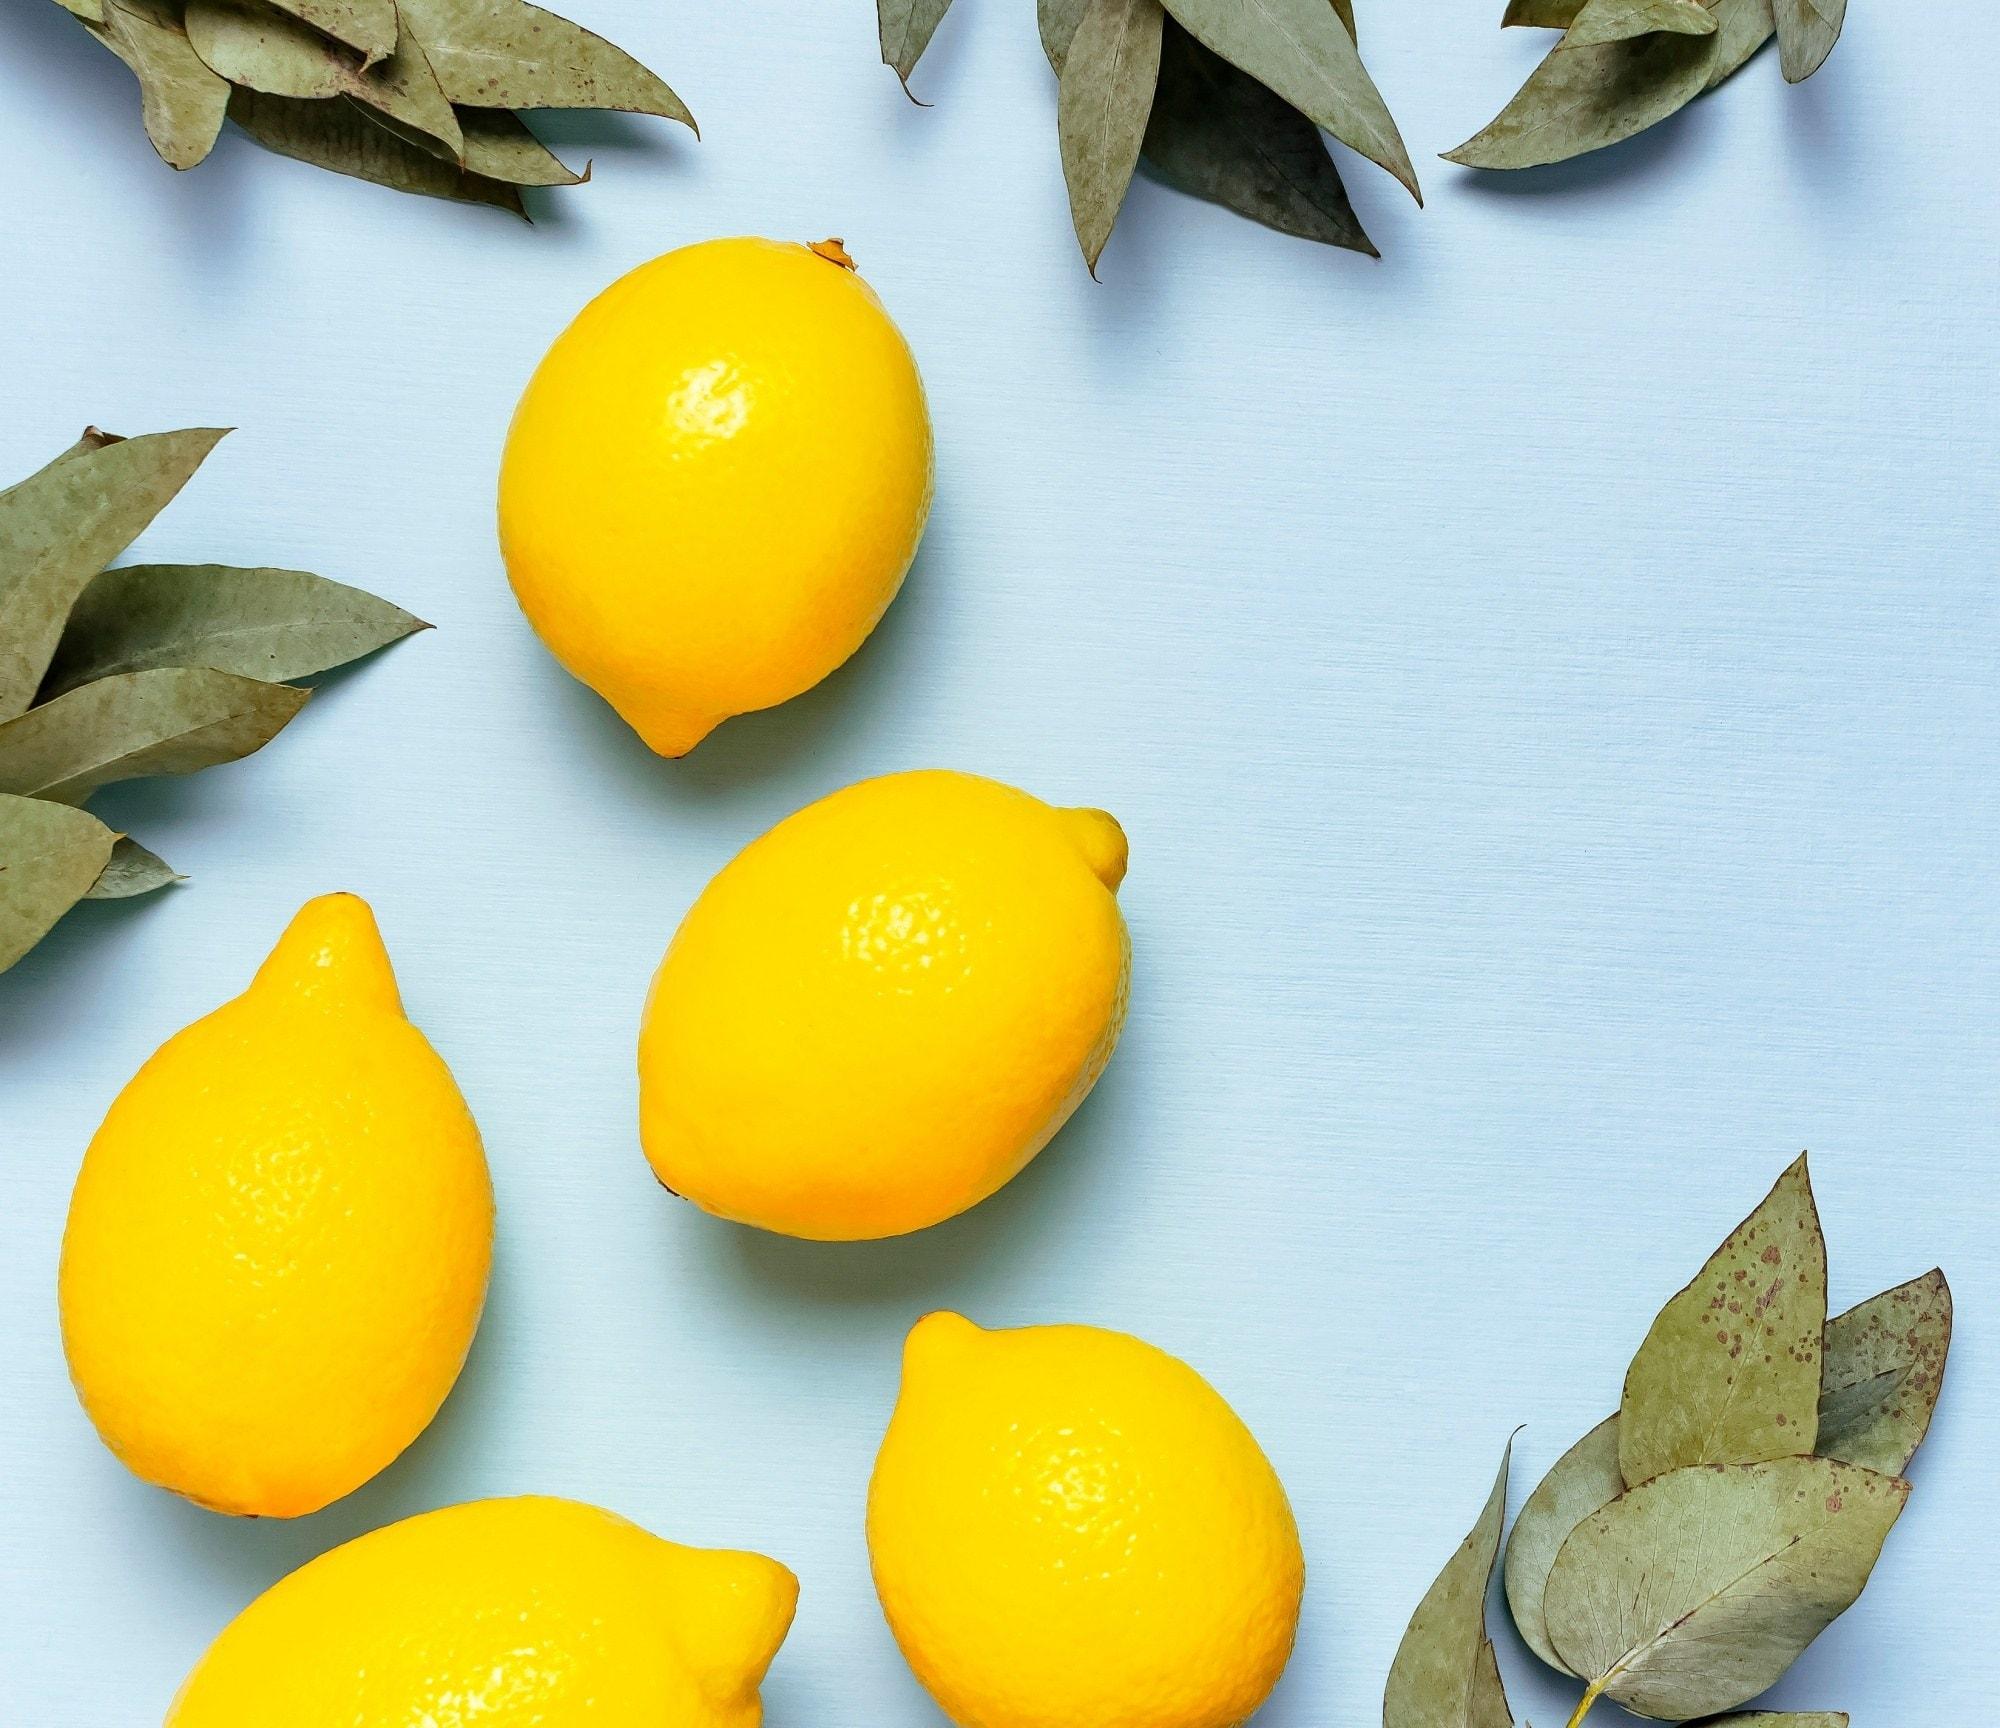 Natural dandruff remedies: lemons